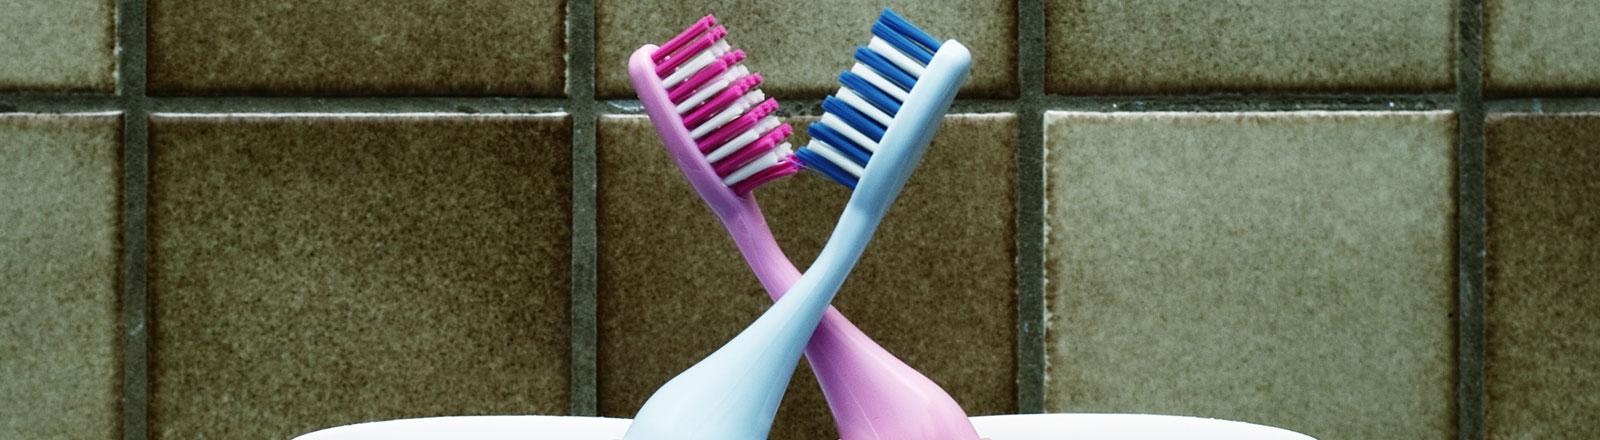 Zwei Zahnbürsten in einem Becher